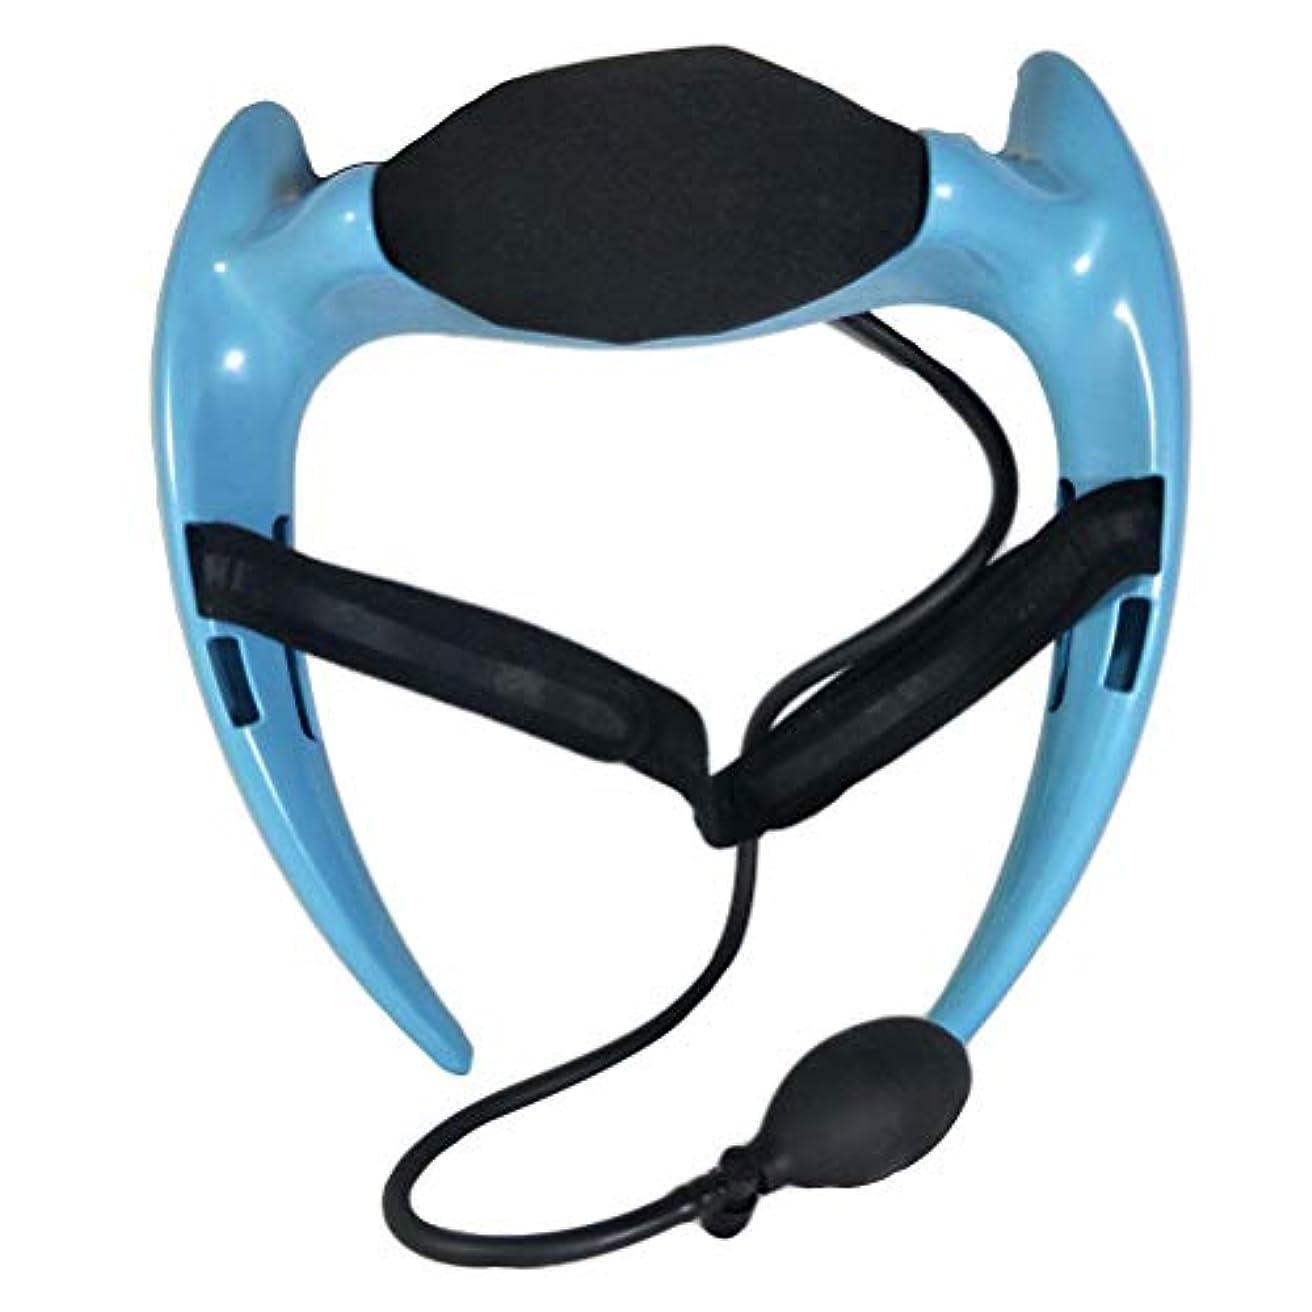 冷酷な発行する悪意のあるHEALLILY 傷害のための膨脹可能な首の牽引装置首サポート牽引